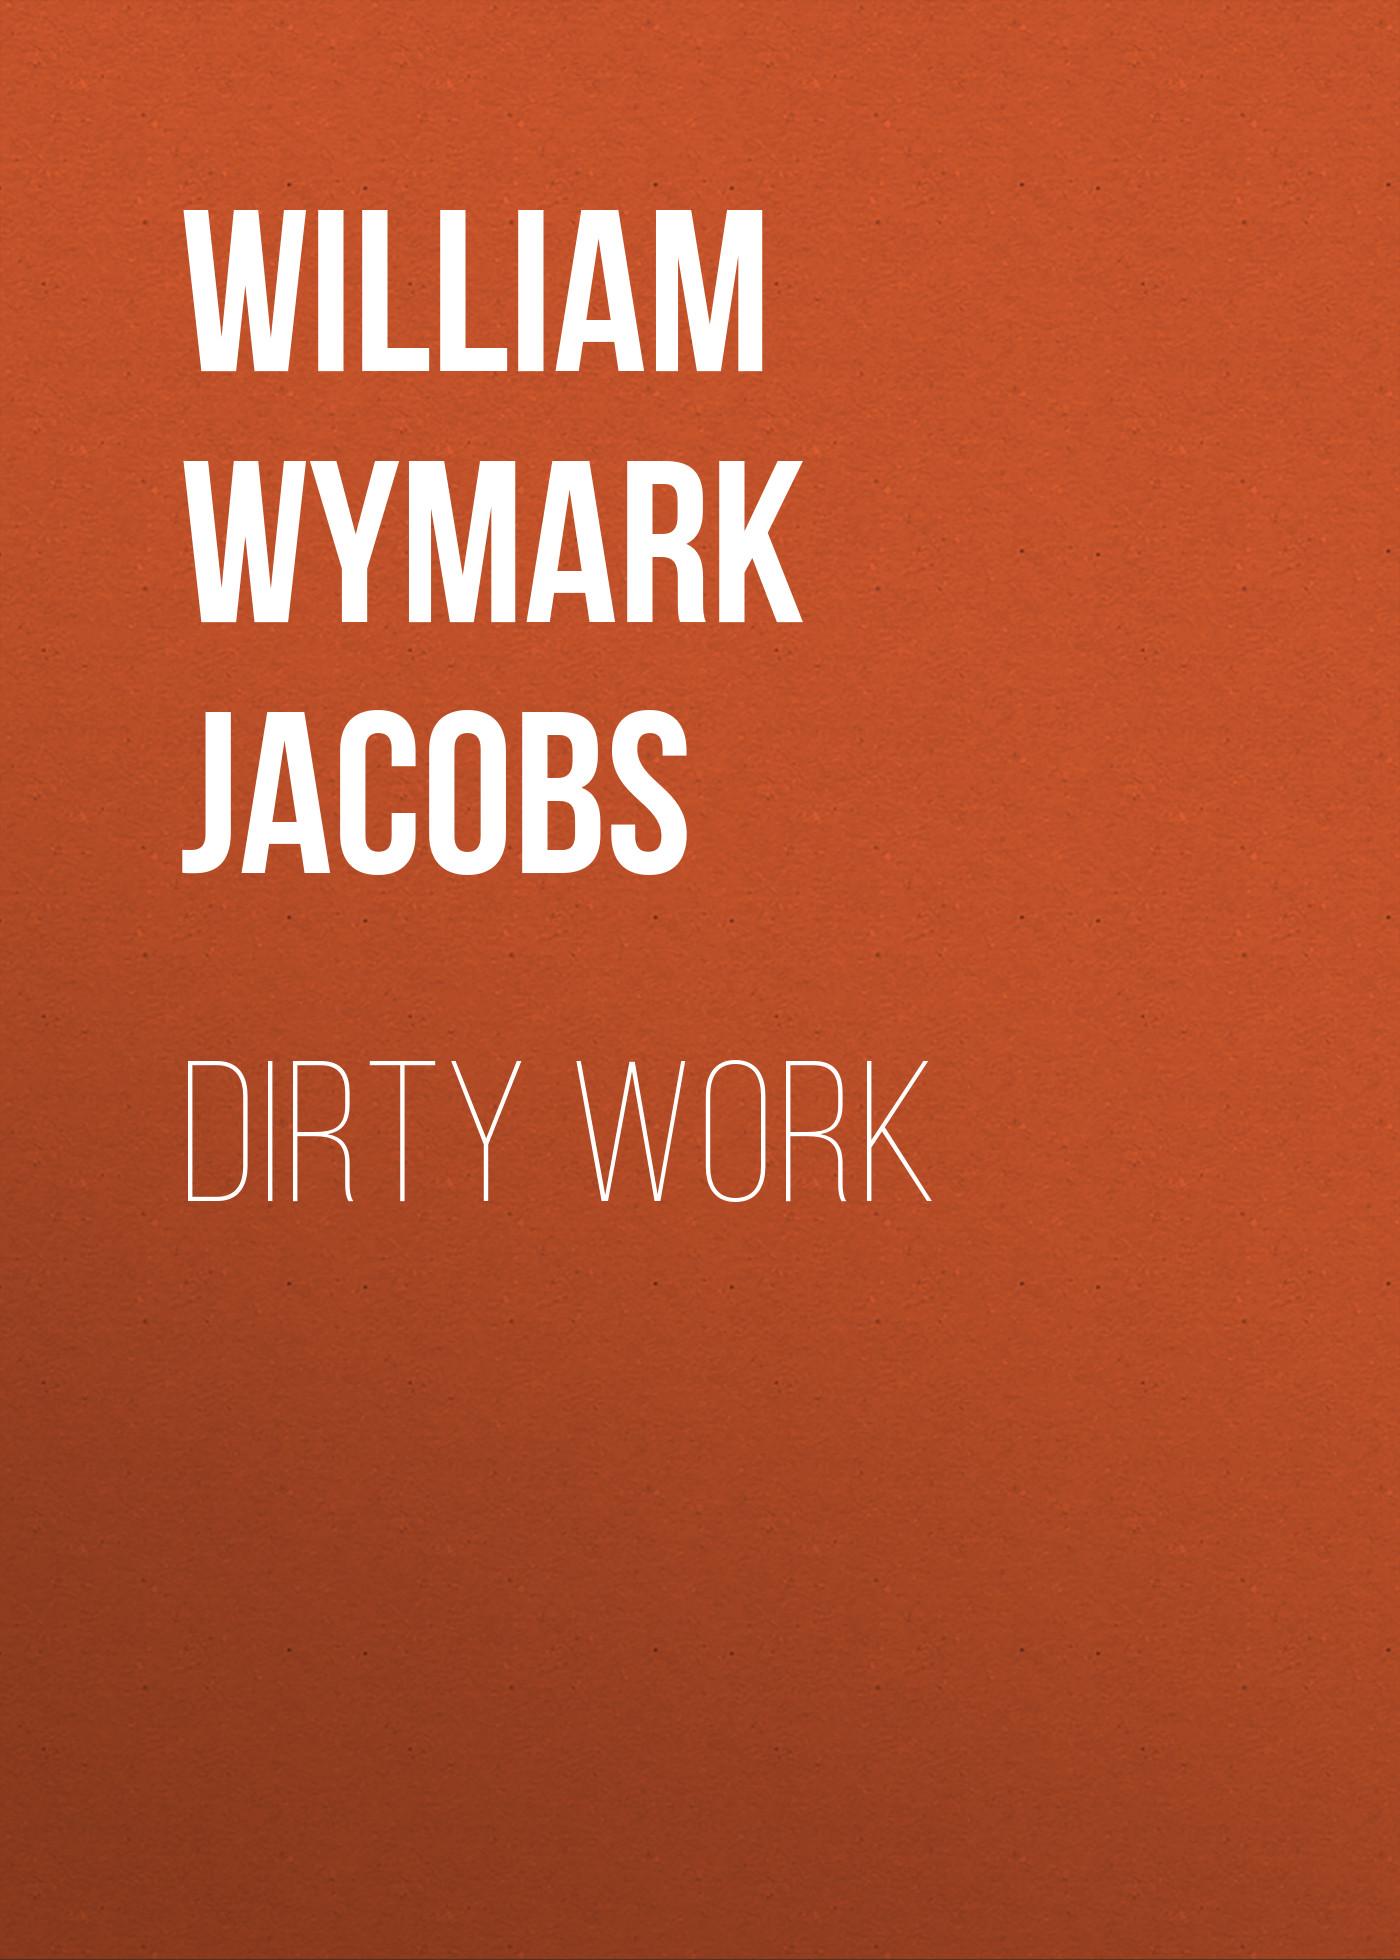 лучшая цена William Wymark Jacobs Dirty Work